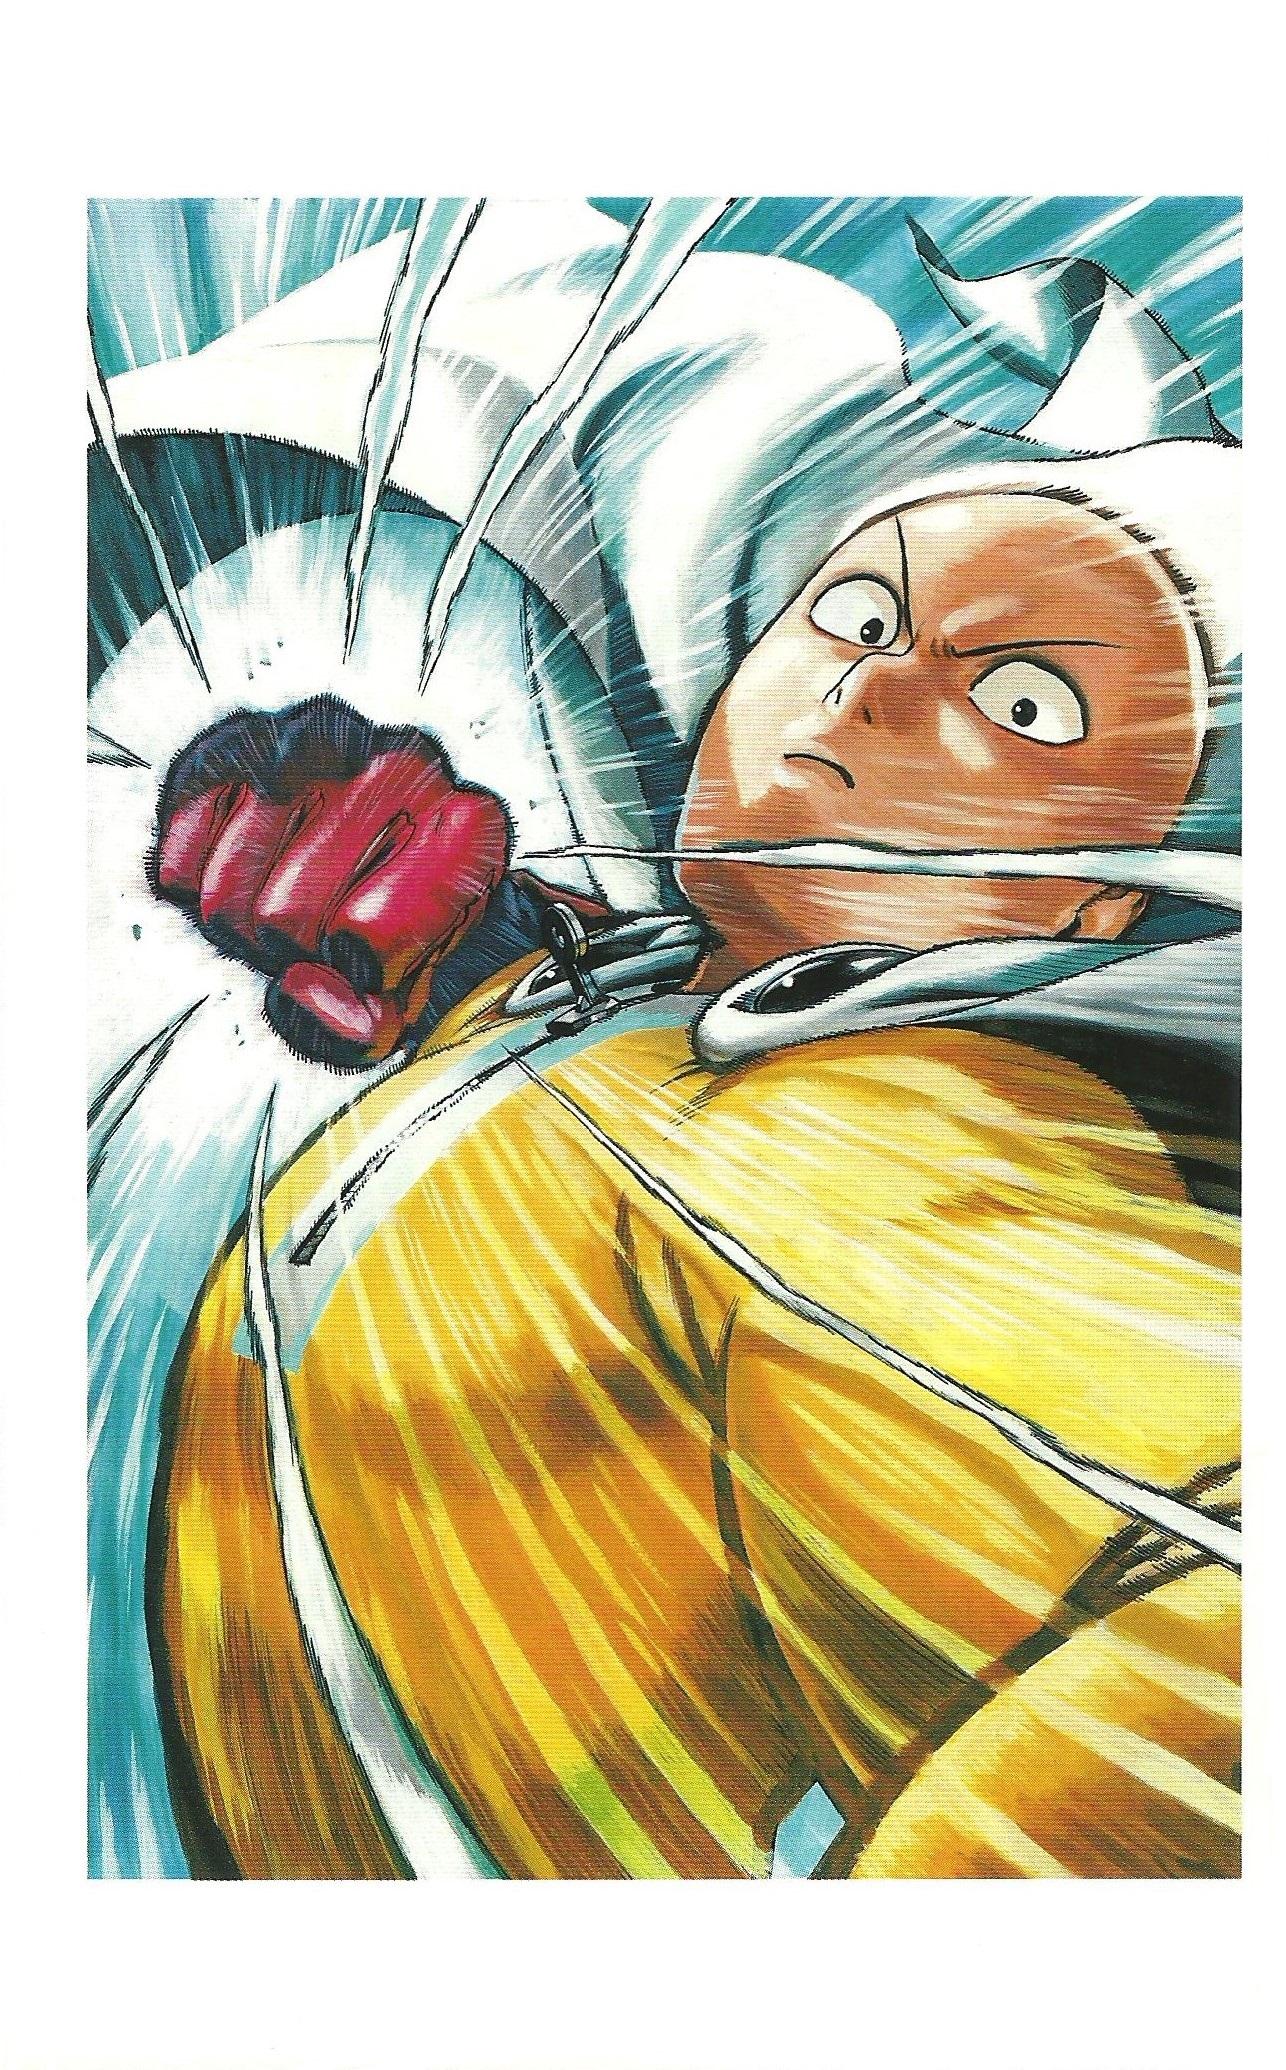 Wallpaper : One Punch Man, Yusuke Murata, Saitama ...